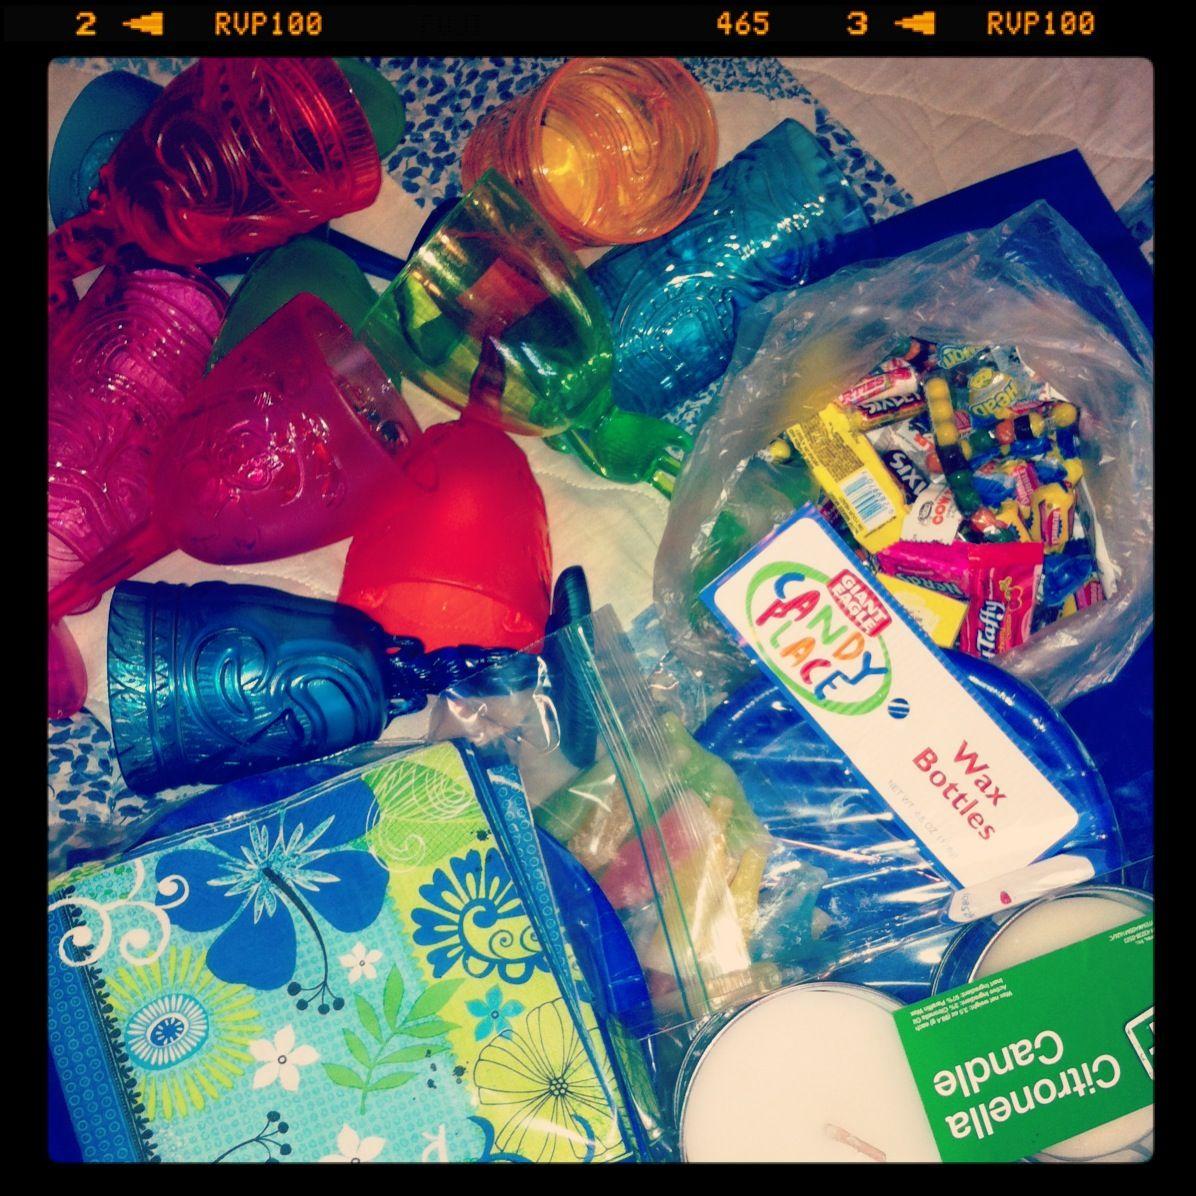 Candy dasani bottle water bottle bottle